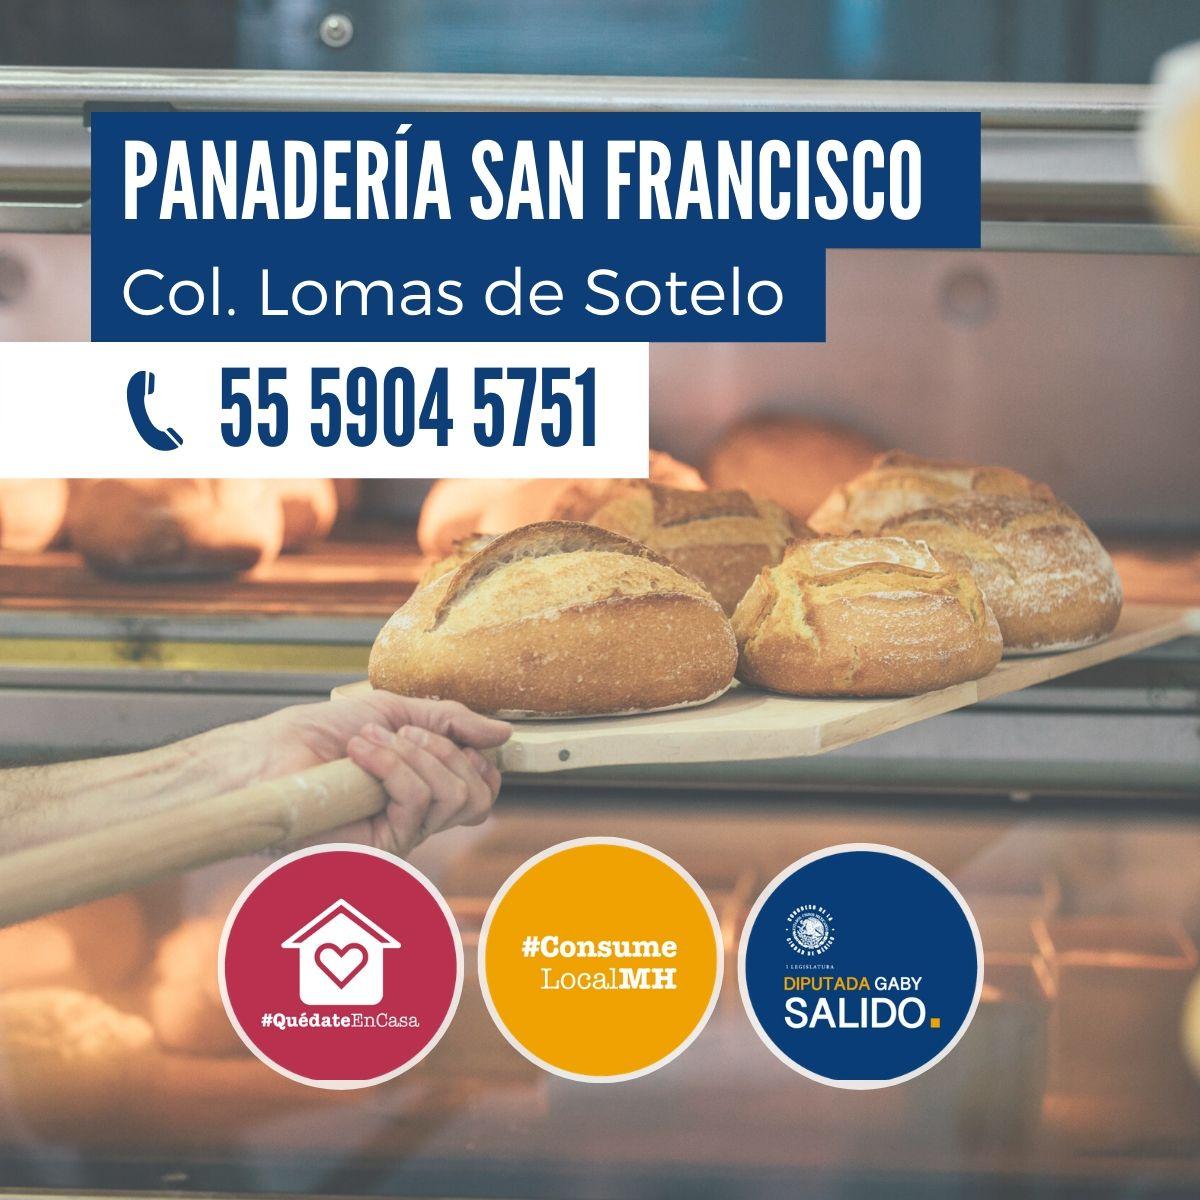 Panadería San Francisco